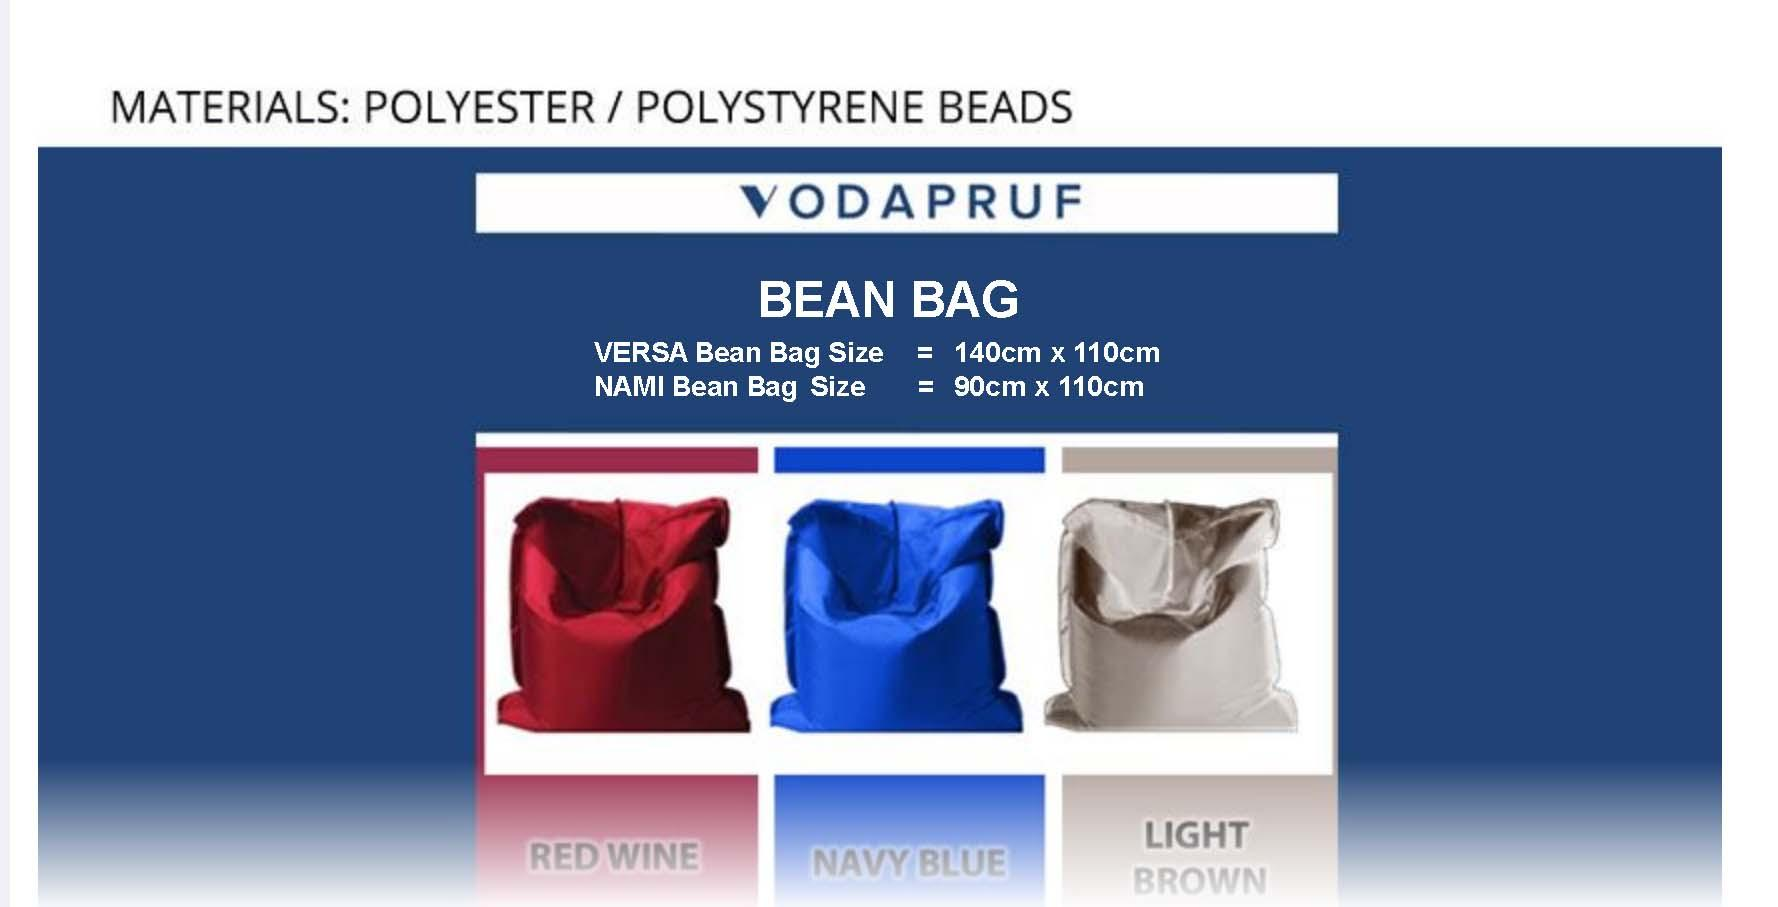 Versa Bean Bag (110 x 140cm)